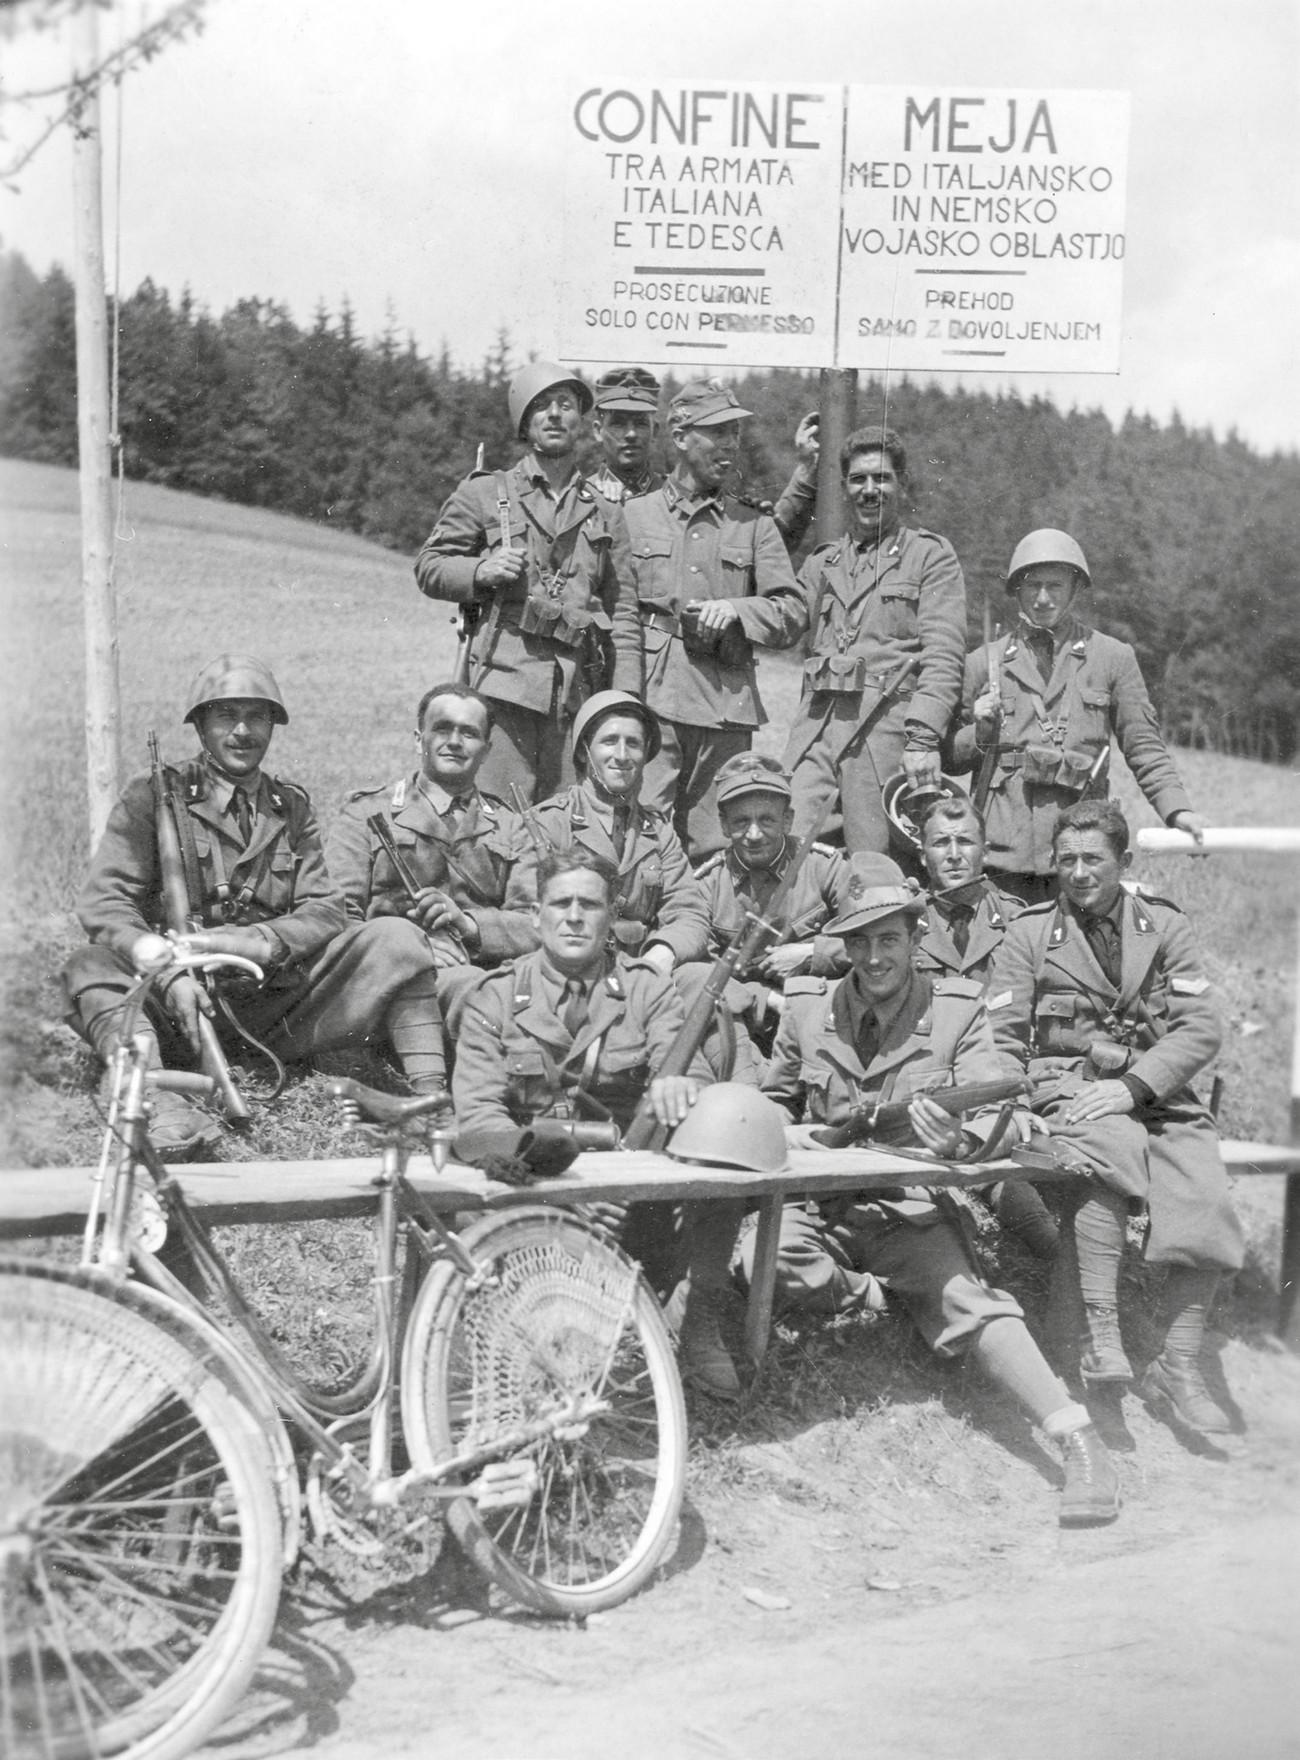 Nemški in italijanski vojaki nekje na novo postavljeni meji. MNZS.